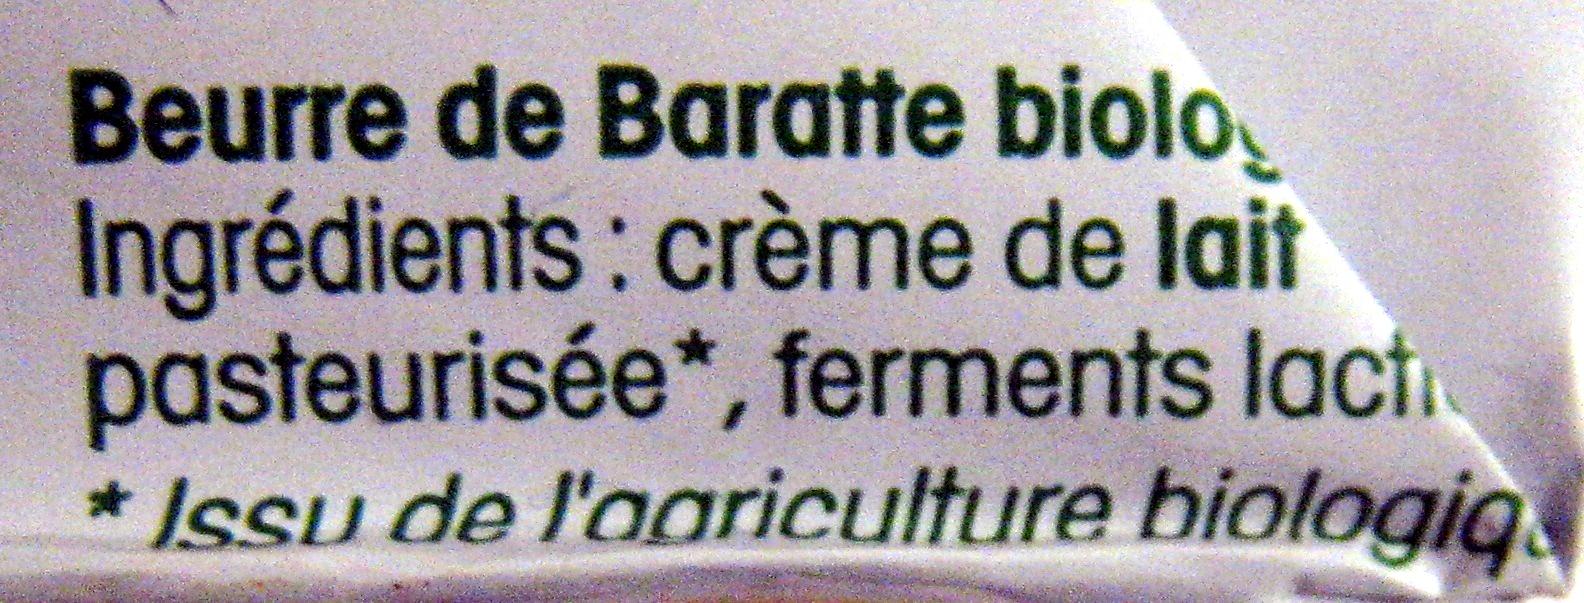 Beurre de baratte doux Bio Vrai - Ingredients - fr